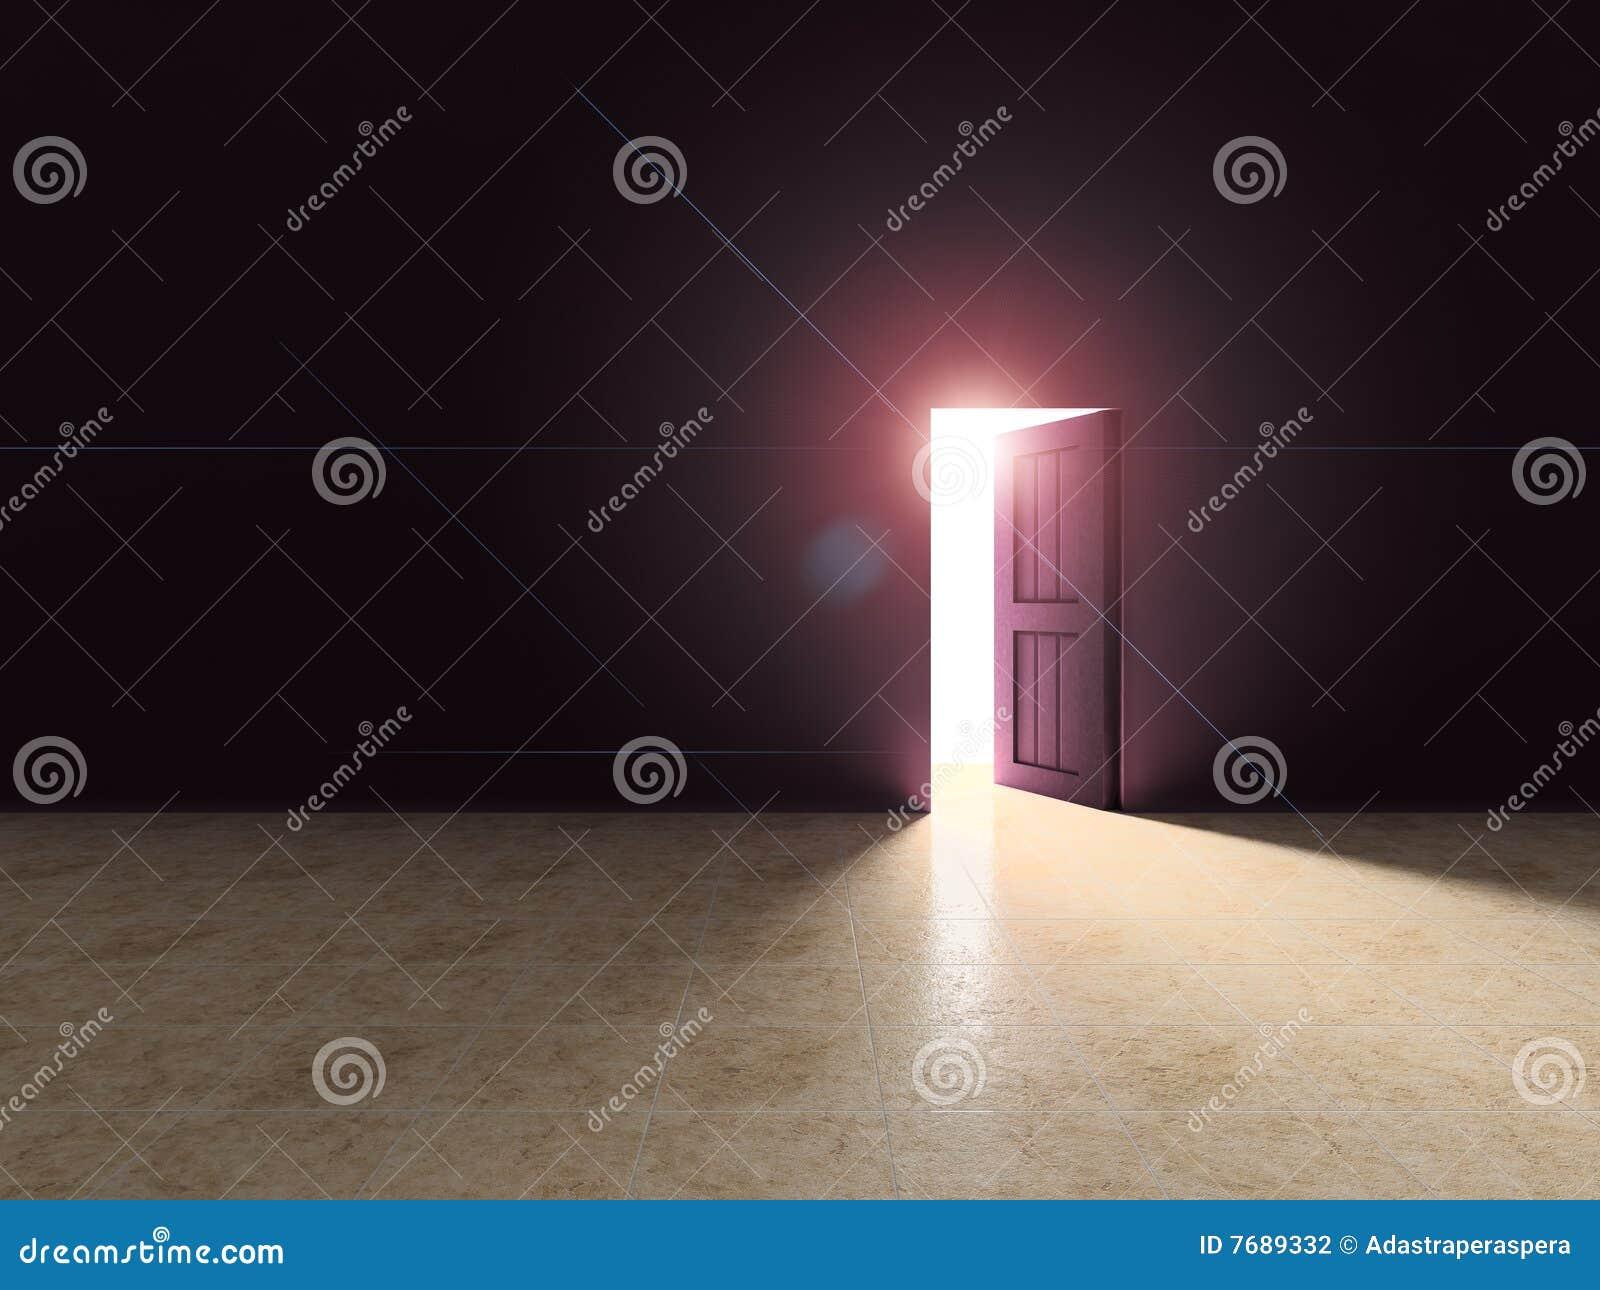 Estar aberto